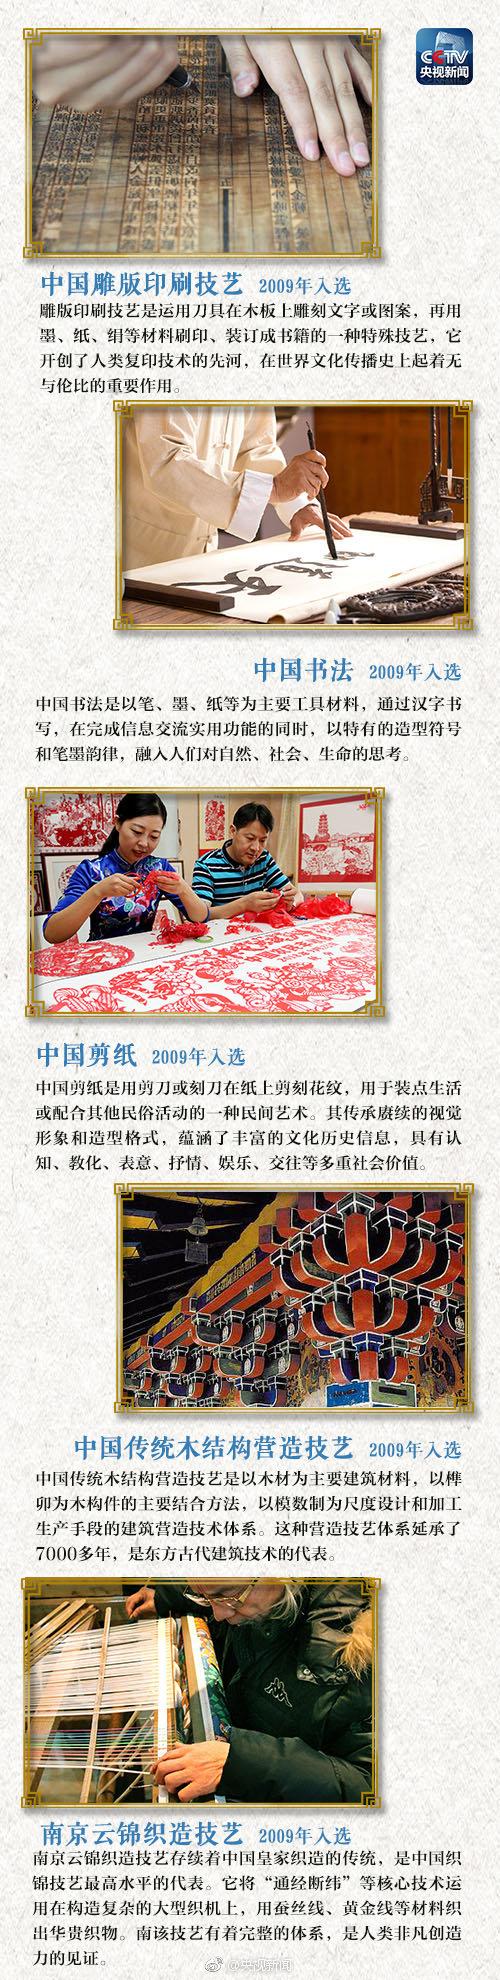 中国世界级非物质文化遗产全名录(2018年11月28日最新)